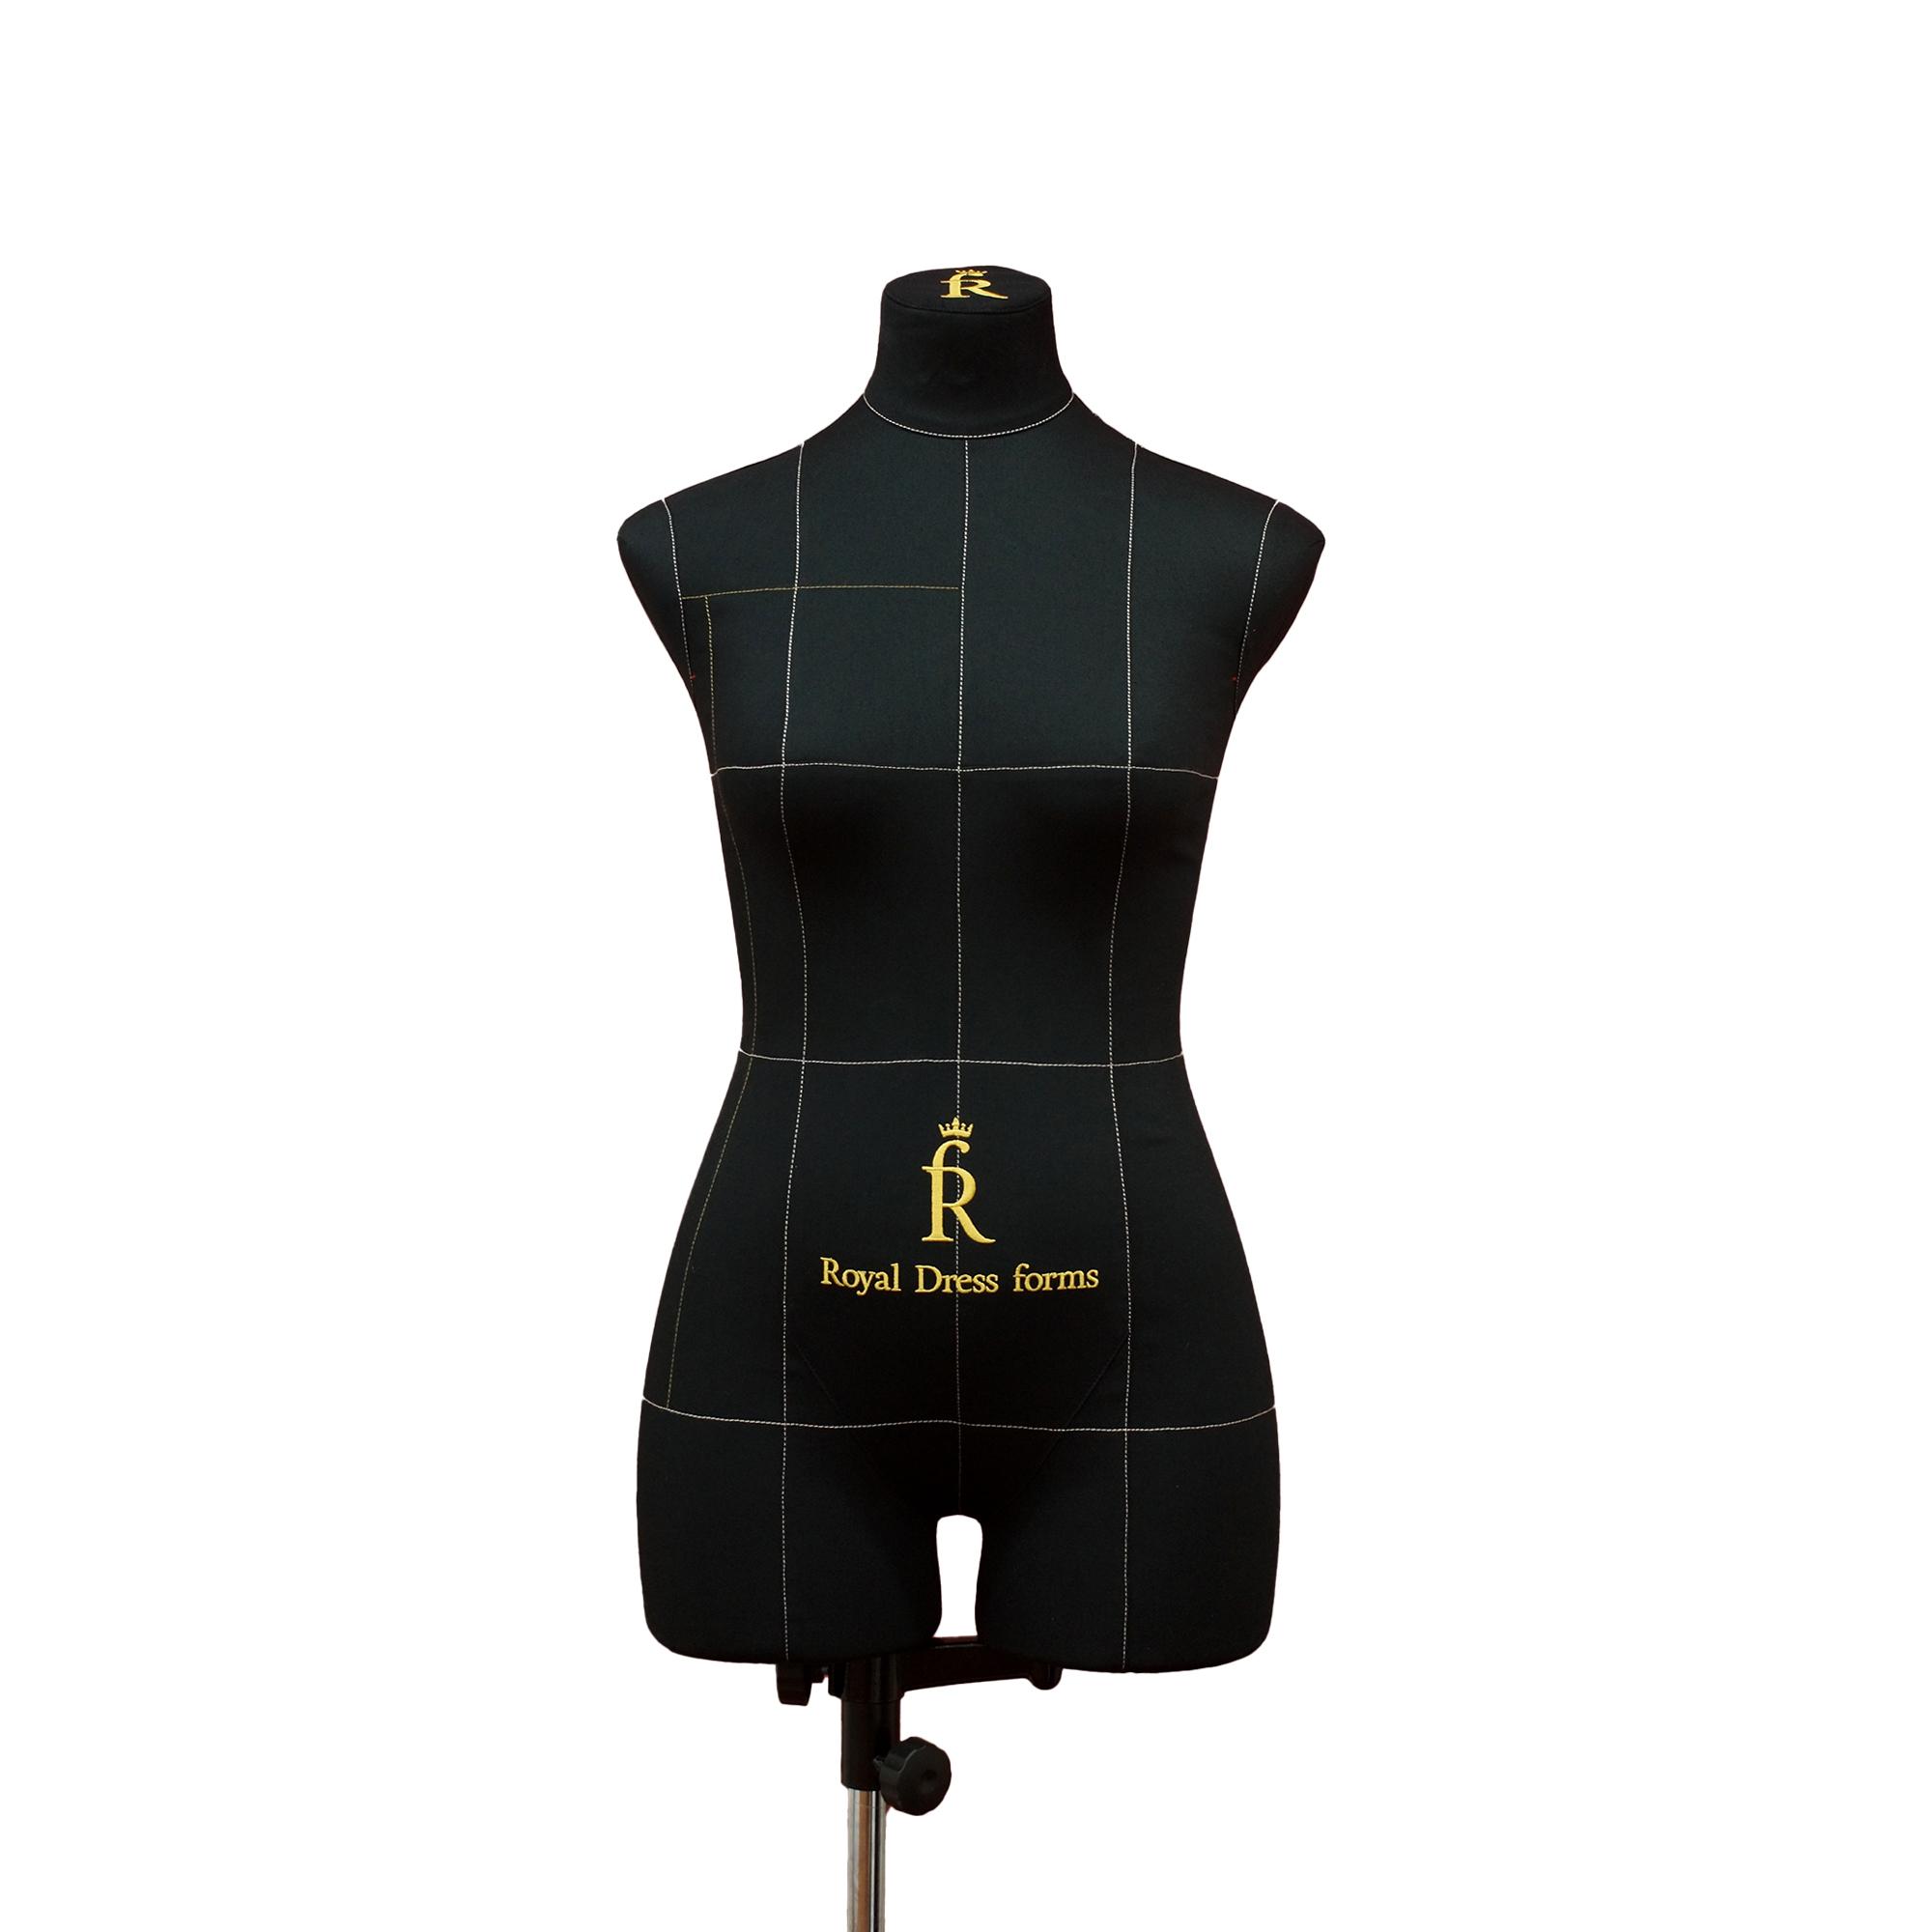 Манекен портновский Моника, комплект Про, тип фигуры песочные часы, размер 44, цвет черный, в комплекте накладки, руки, нога и голова